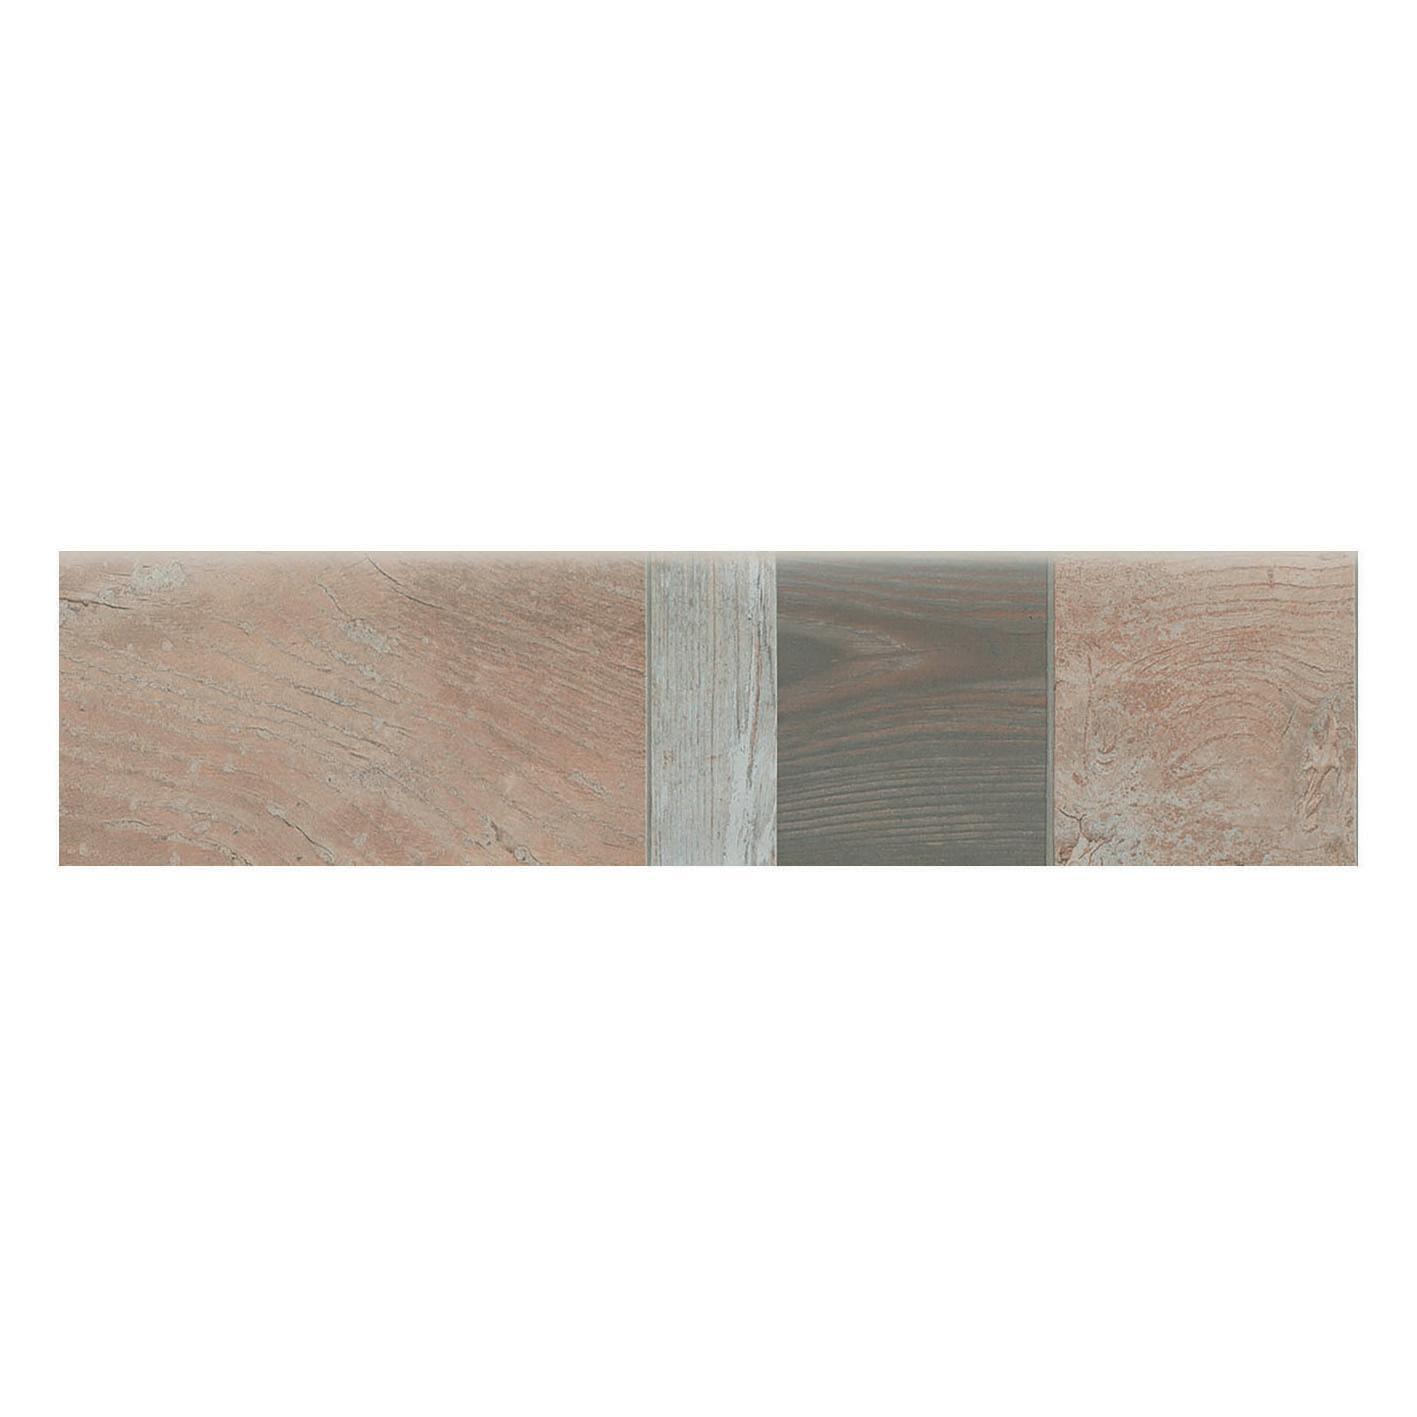 Battiscopa Balau H 7.5 x L 61.5 cm beige